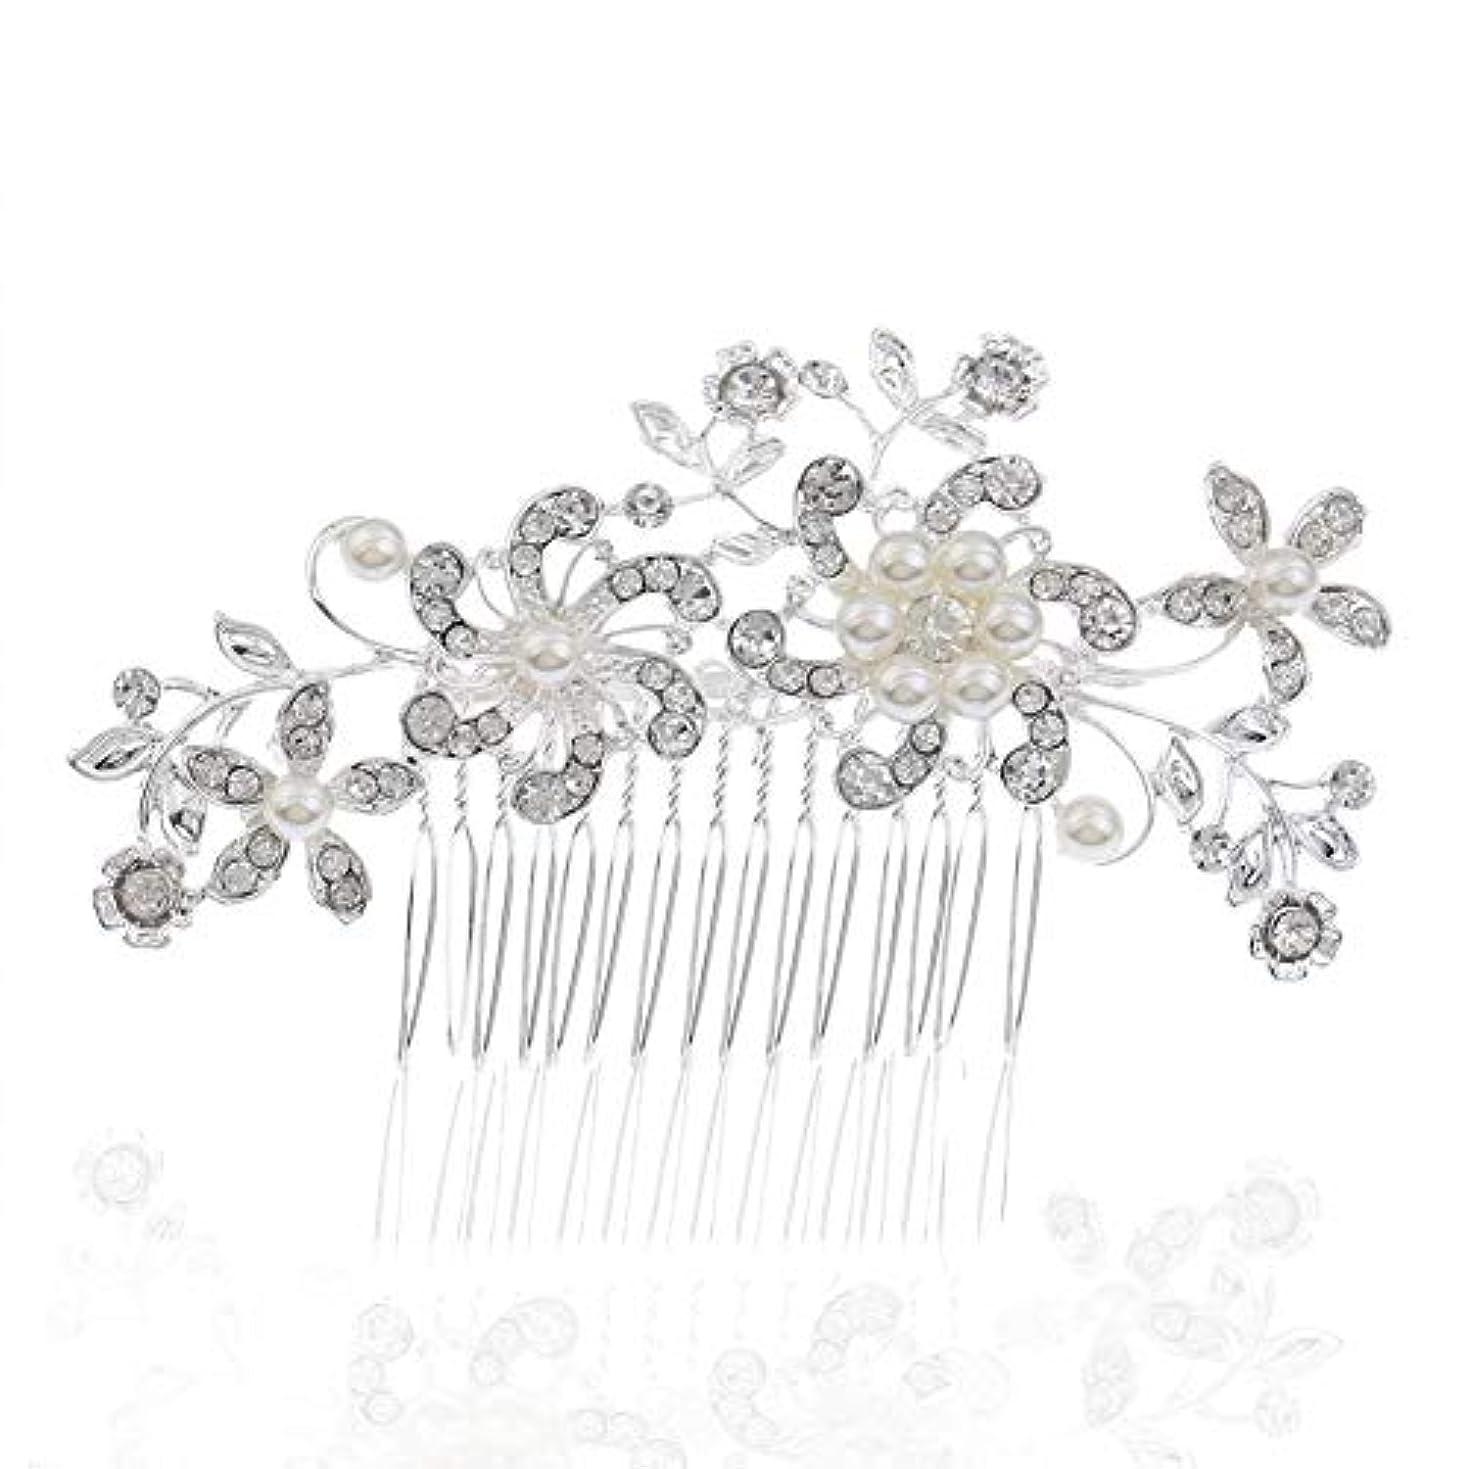 最大限赤故意にOnior ブライダル 新婦 頭飾り 模造花 ラインストーン 真珠 ヘアピン ヘアクリップ 櫛 ジュエリー ウェディング 結婚式アクセサリー